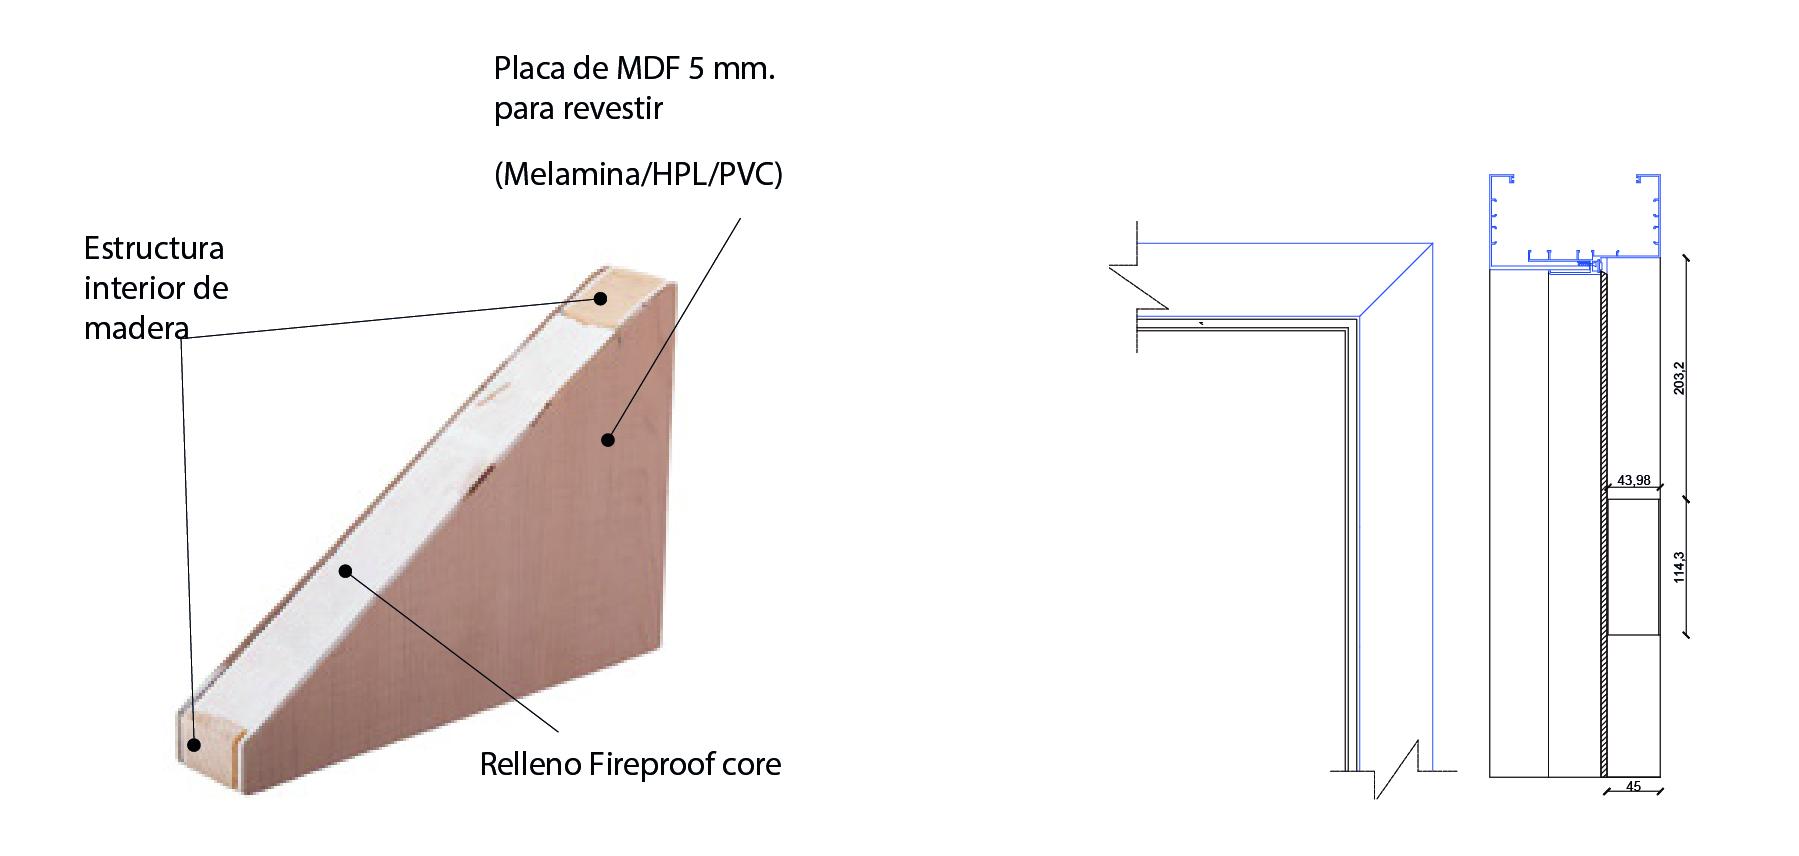 esquema 1 marco telescopico hoteles sysprotec